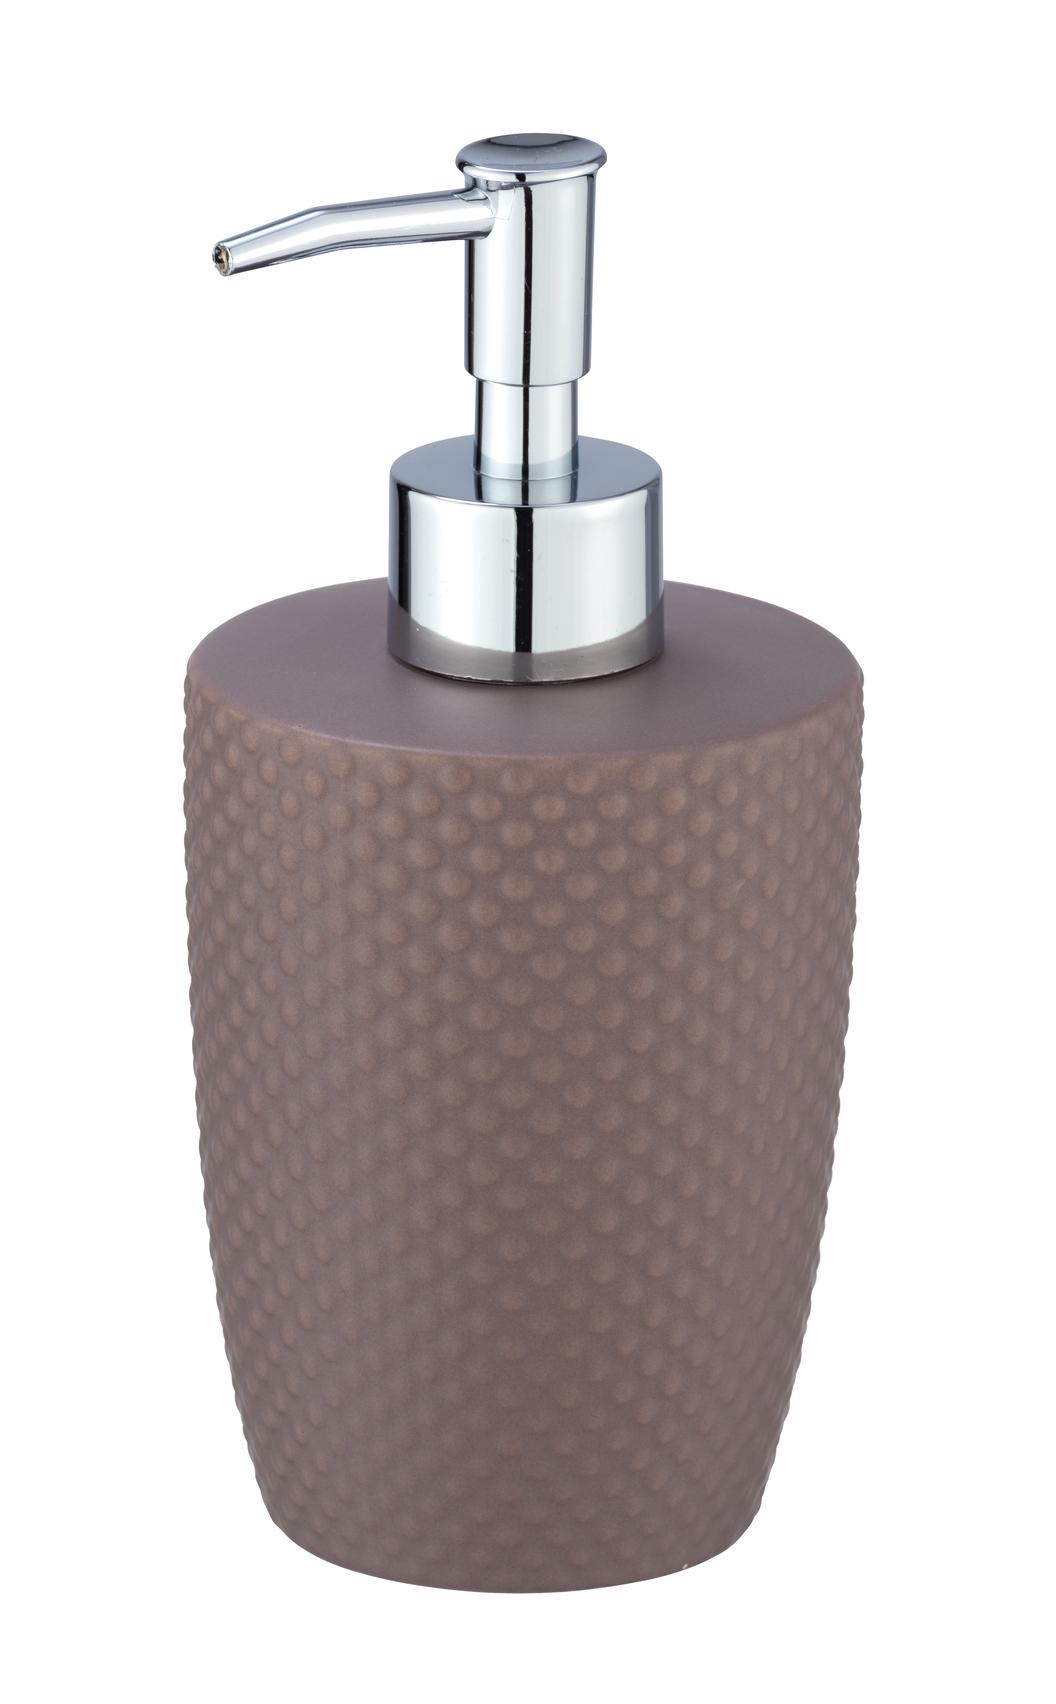 Dozator pentru sapun, din ceramica, Punto Taupe, Ø8,5xH17,5 cm imagine